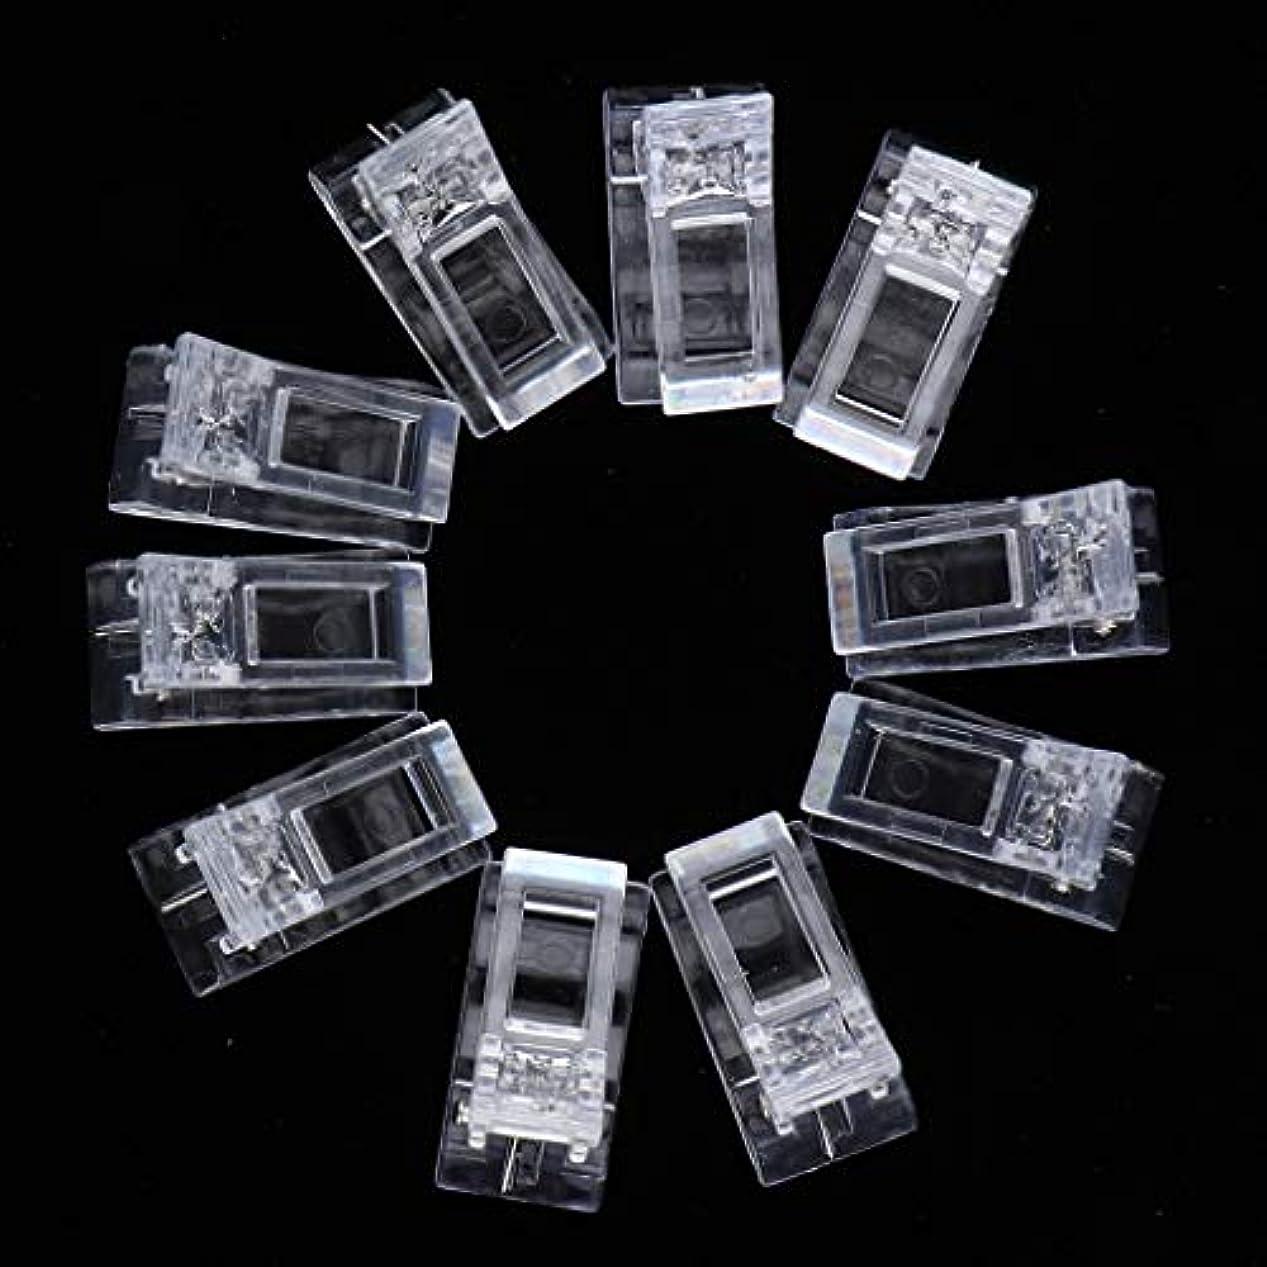 呪い保存する新着クリア ネイルクリップ ネイル固定クリップ ネイルチップ ネイルアート UVゲルビルダツール 10個